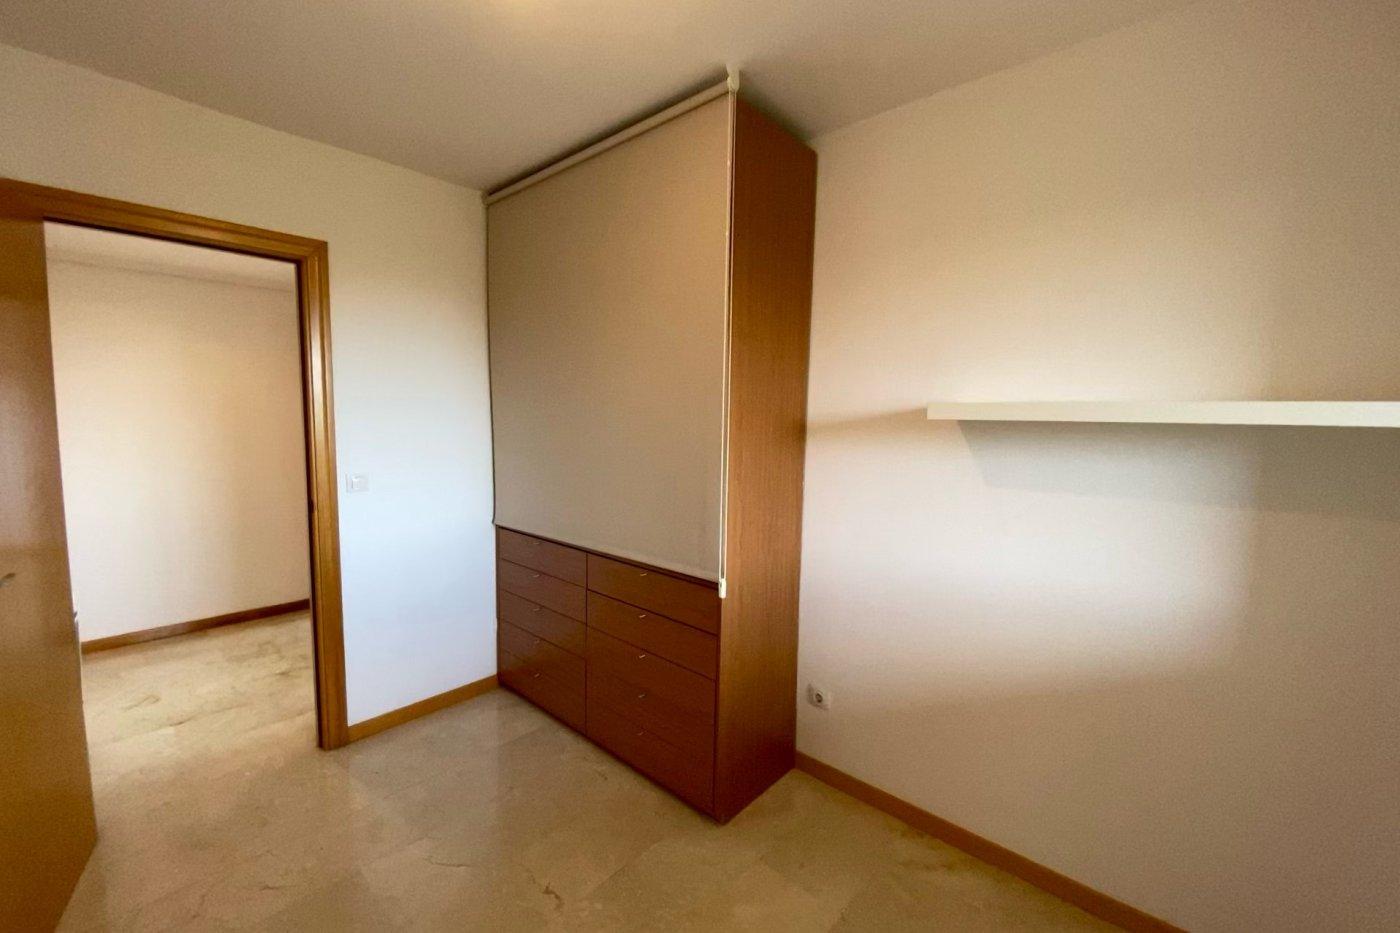 Piso sin muebles de 105 m² de superficie en zona residencial de son cotoner, palma de mall - imagenInmueble8